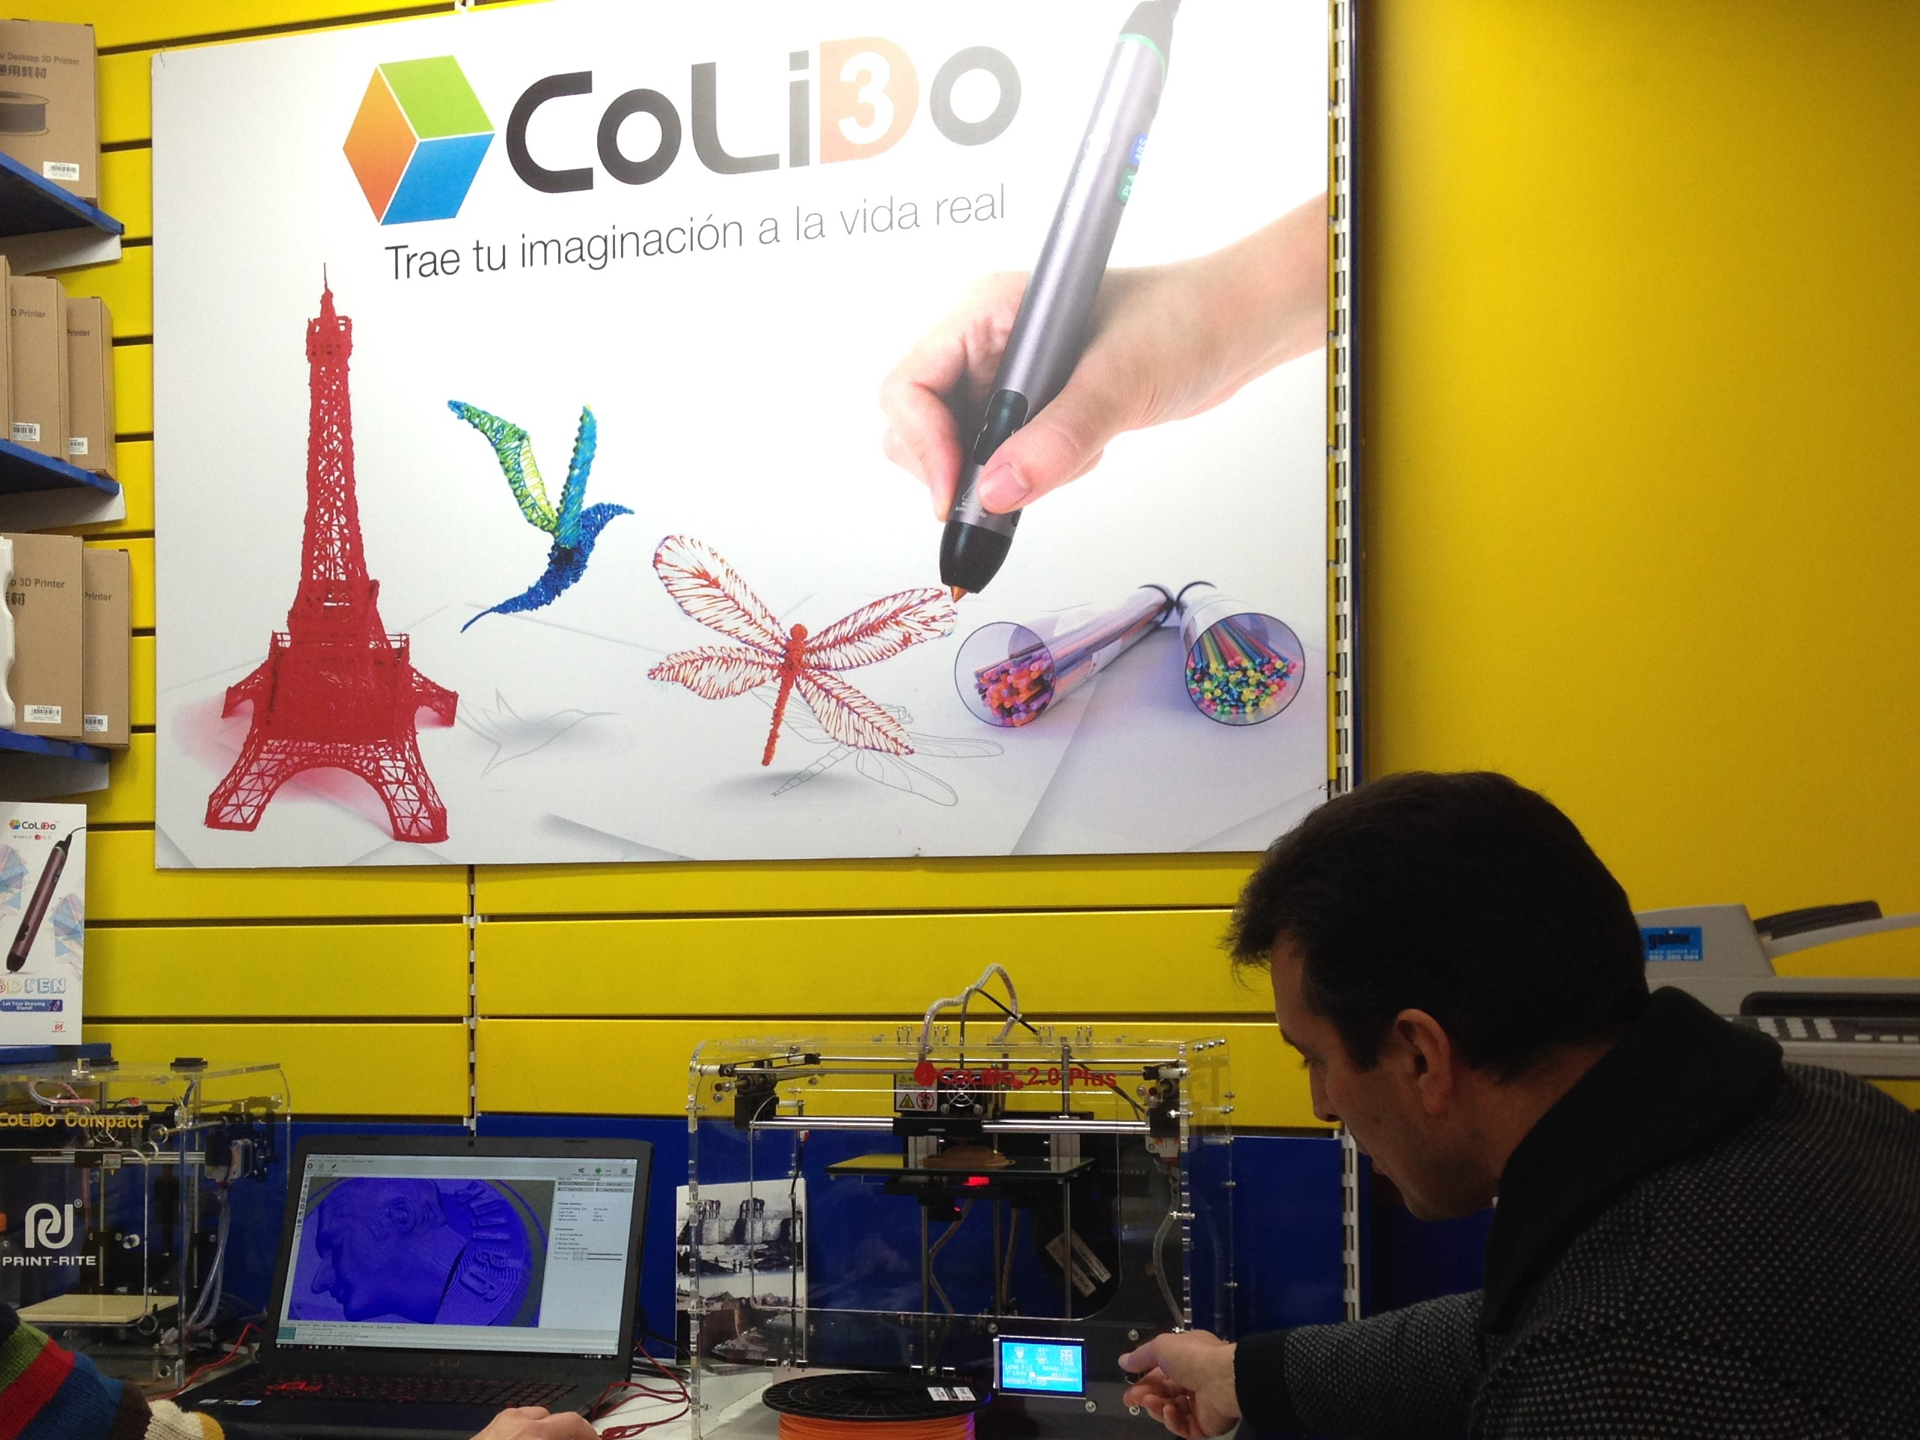 Impresoras 3D Lugo: GALINK Ya Es Distribuidor Oficial CoLiDo